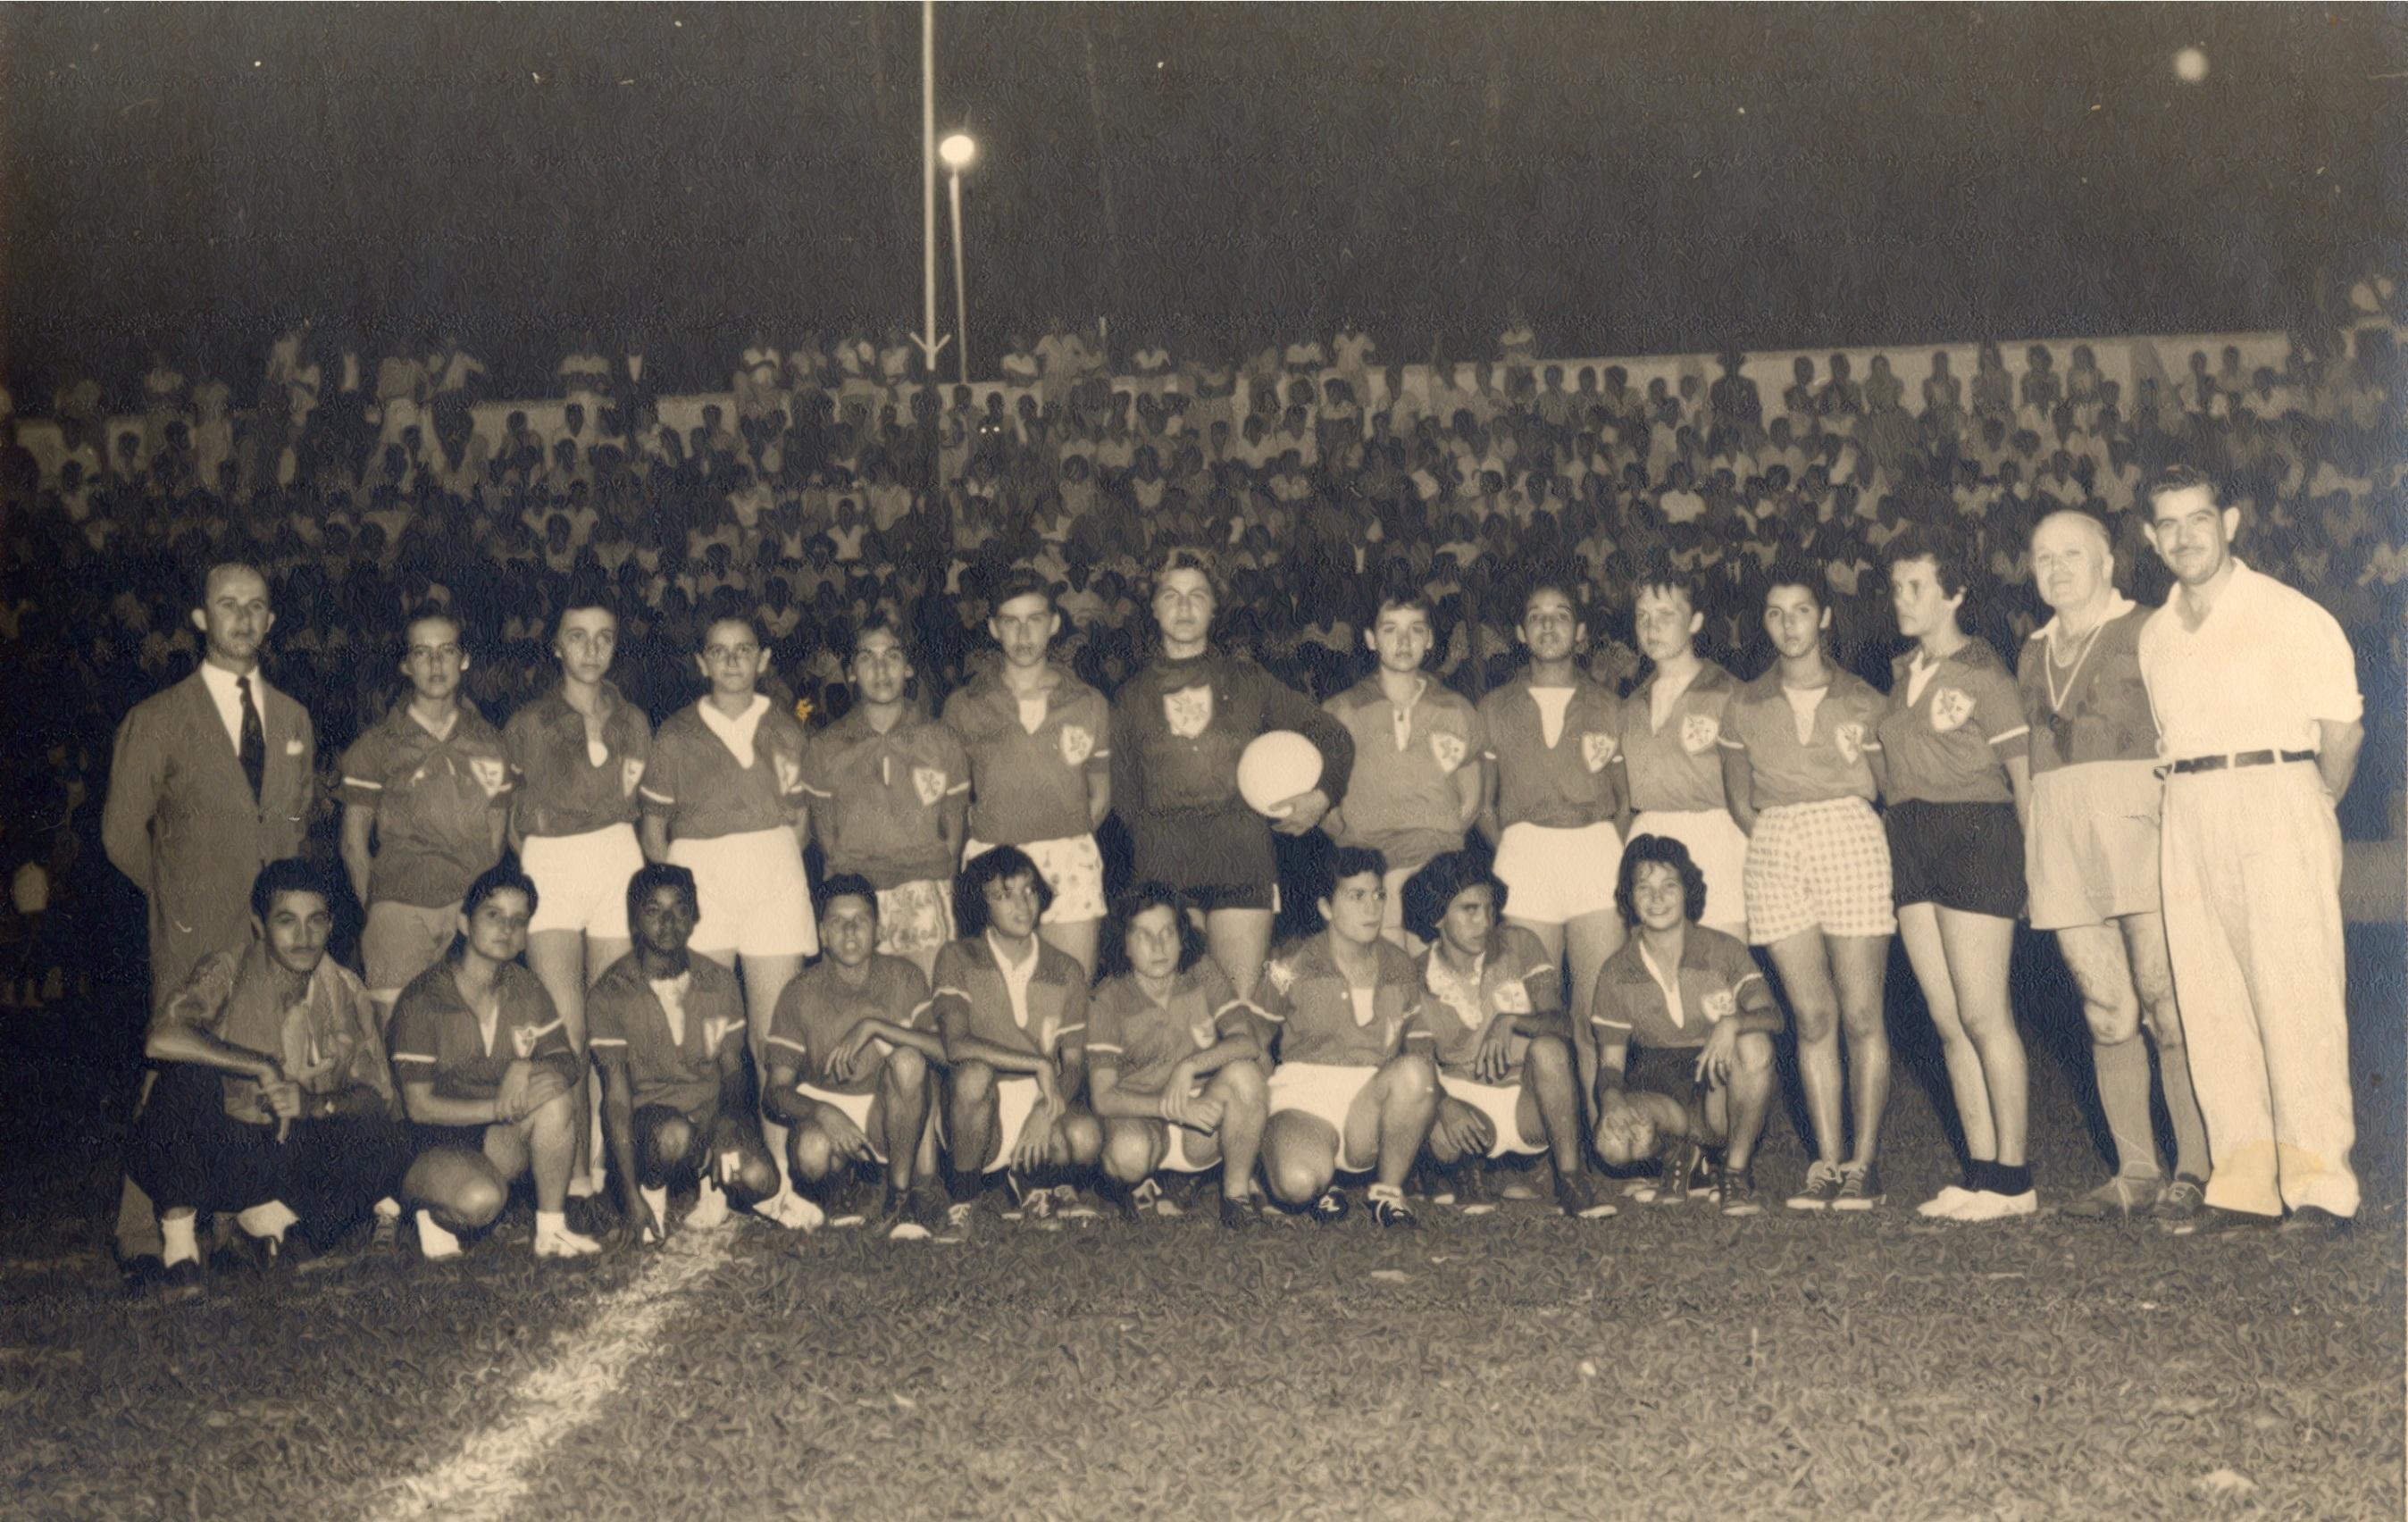 2212ec5dd Pioneiras do esporte proibido  histórias do início do futebol feminino no  Brasil